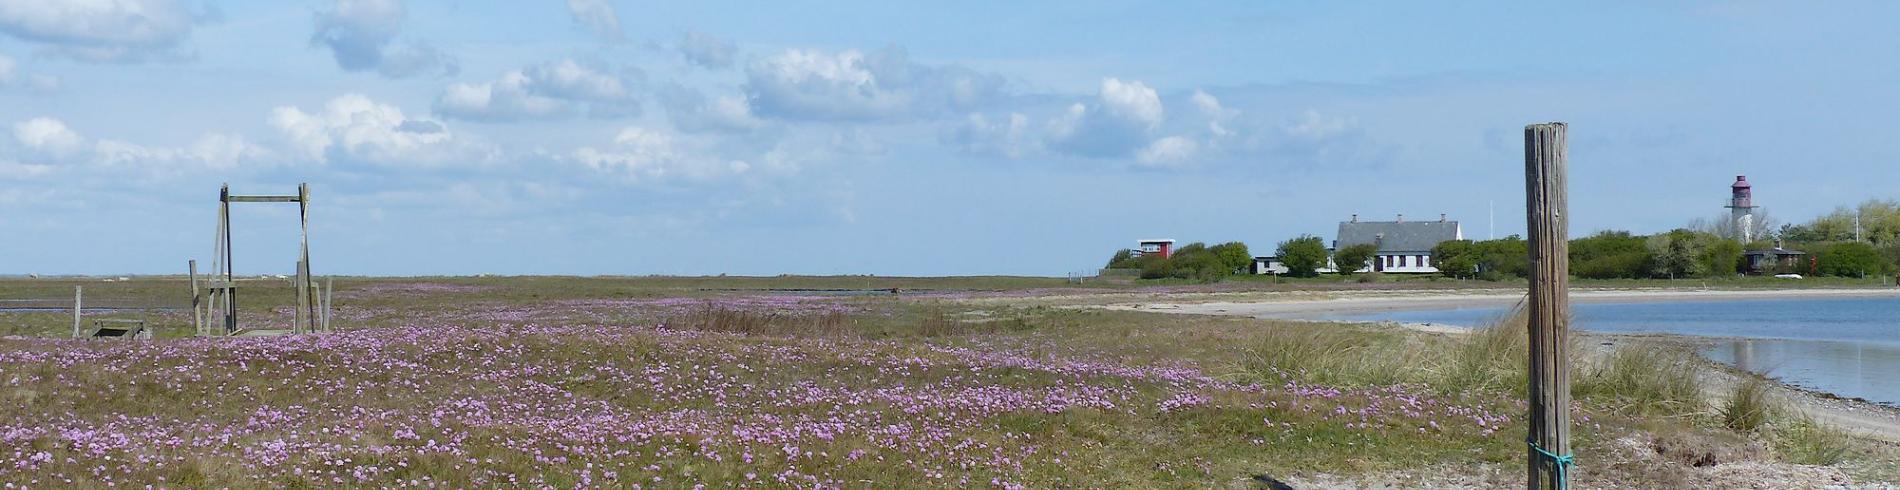 Naturpark Nakskov Fjord cover image